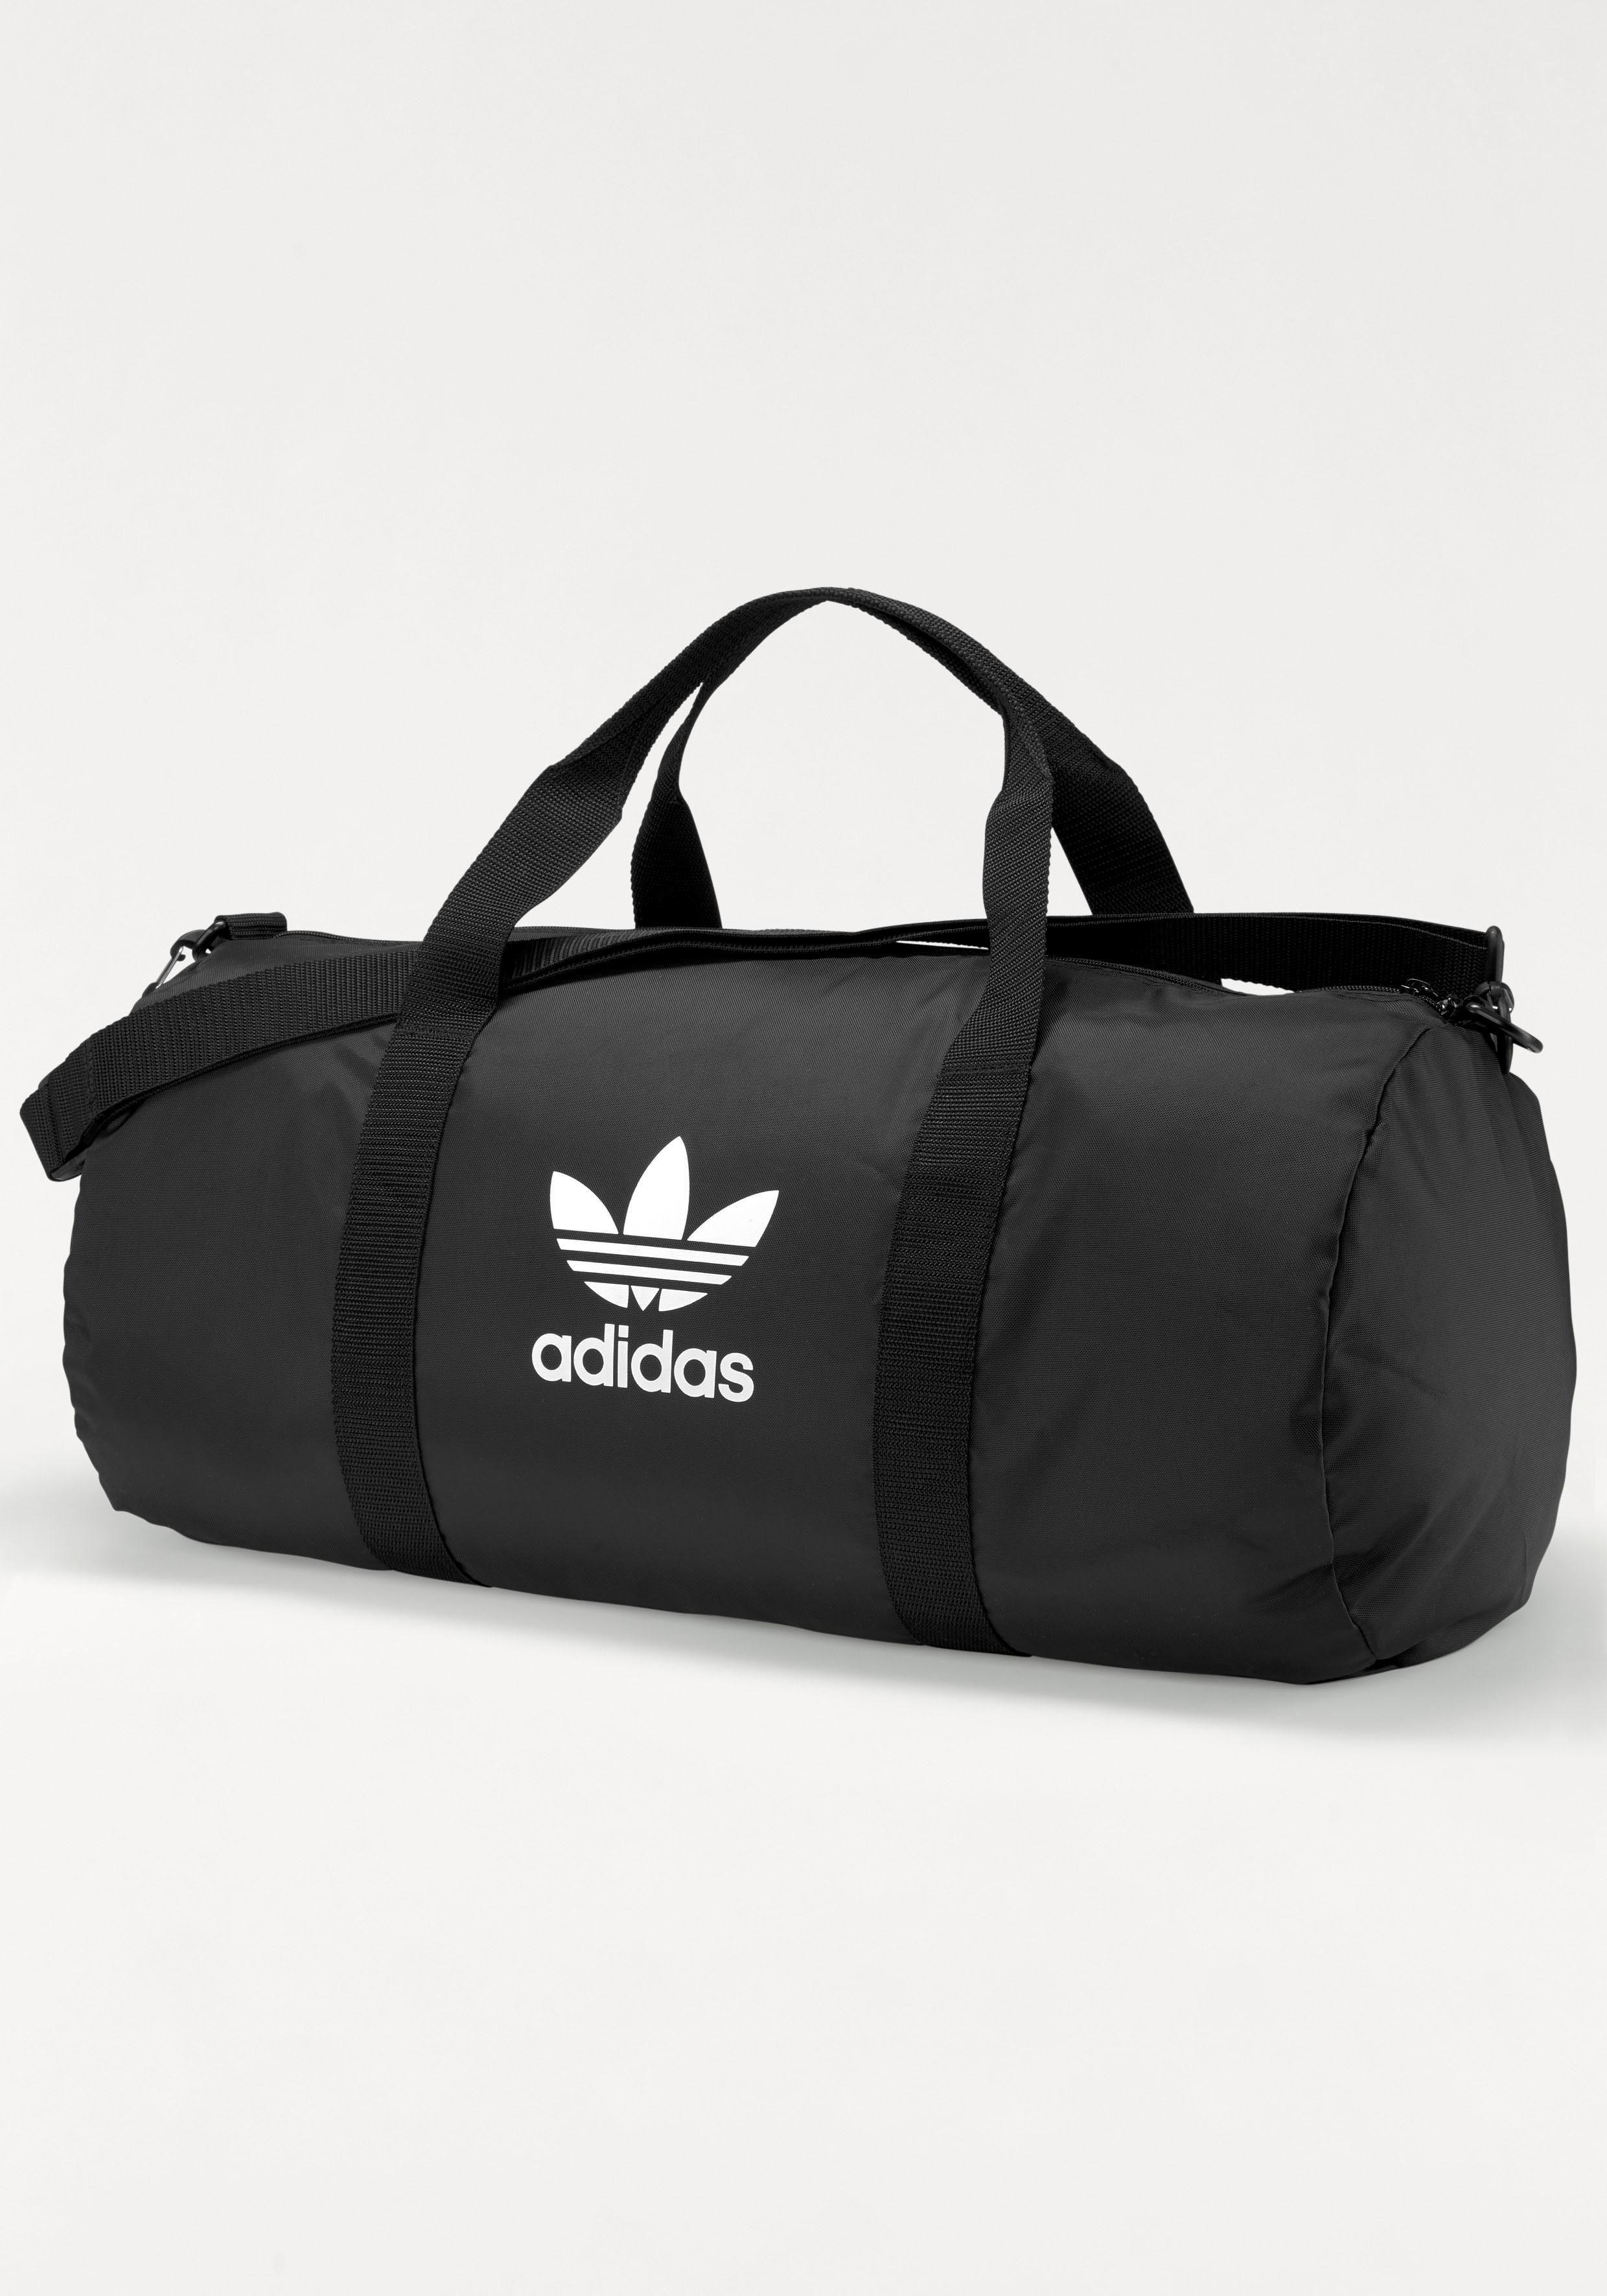 adidas Originals Sporttasche online kaufen | OTTO